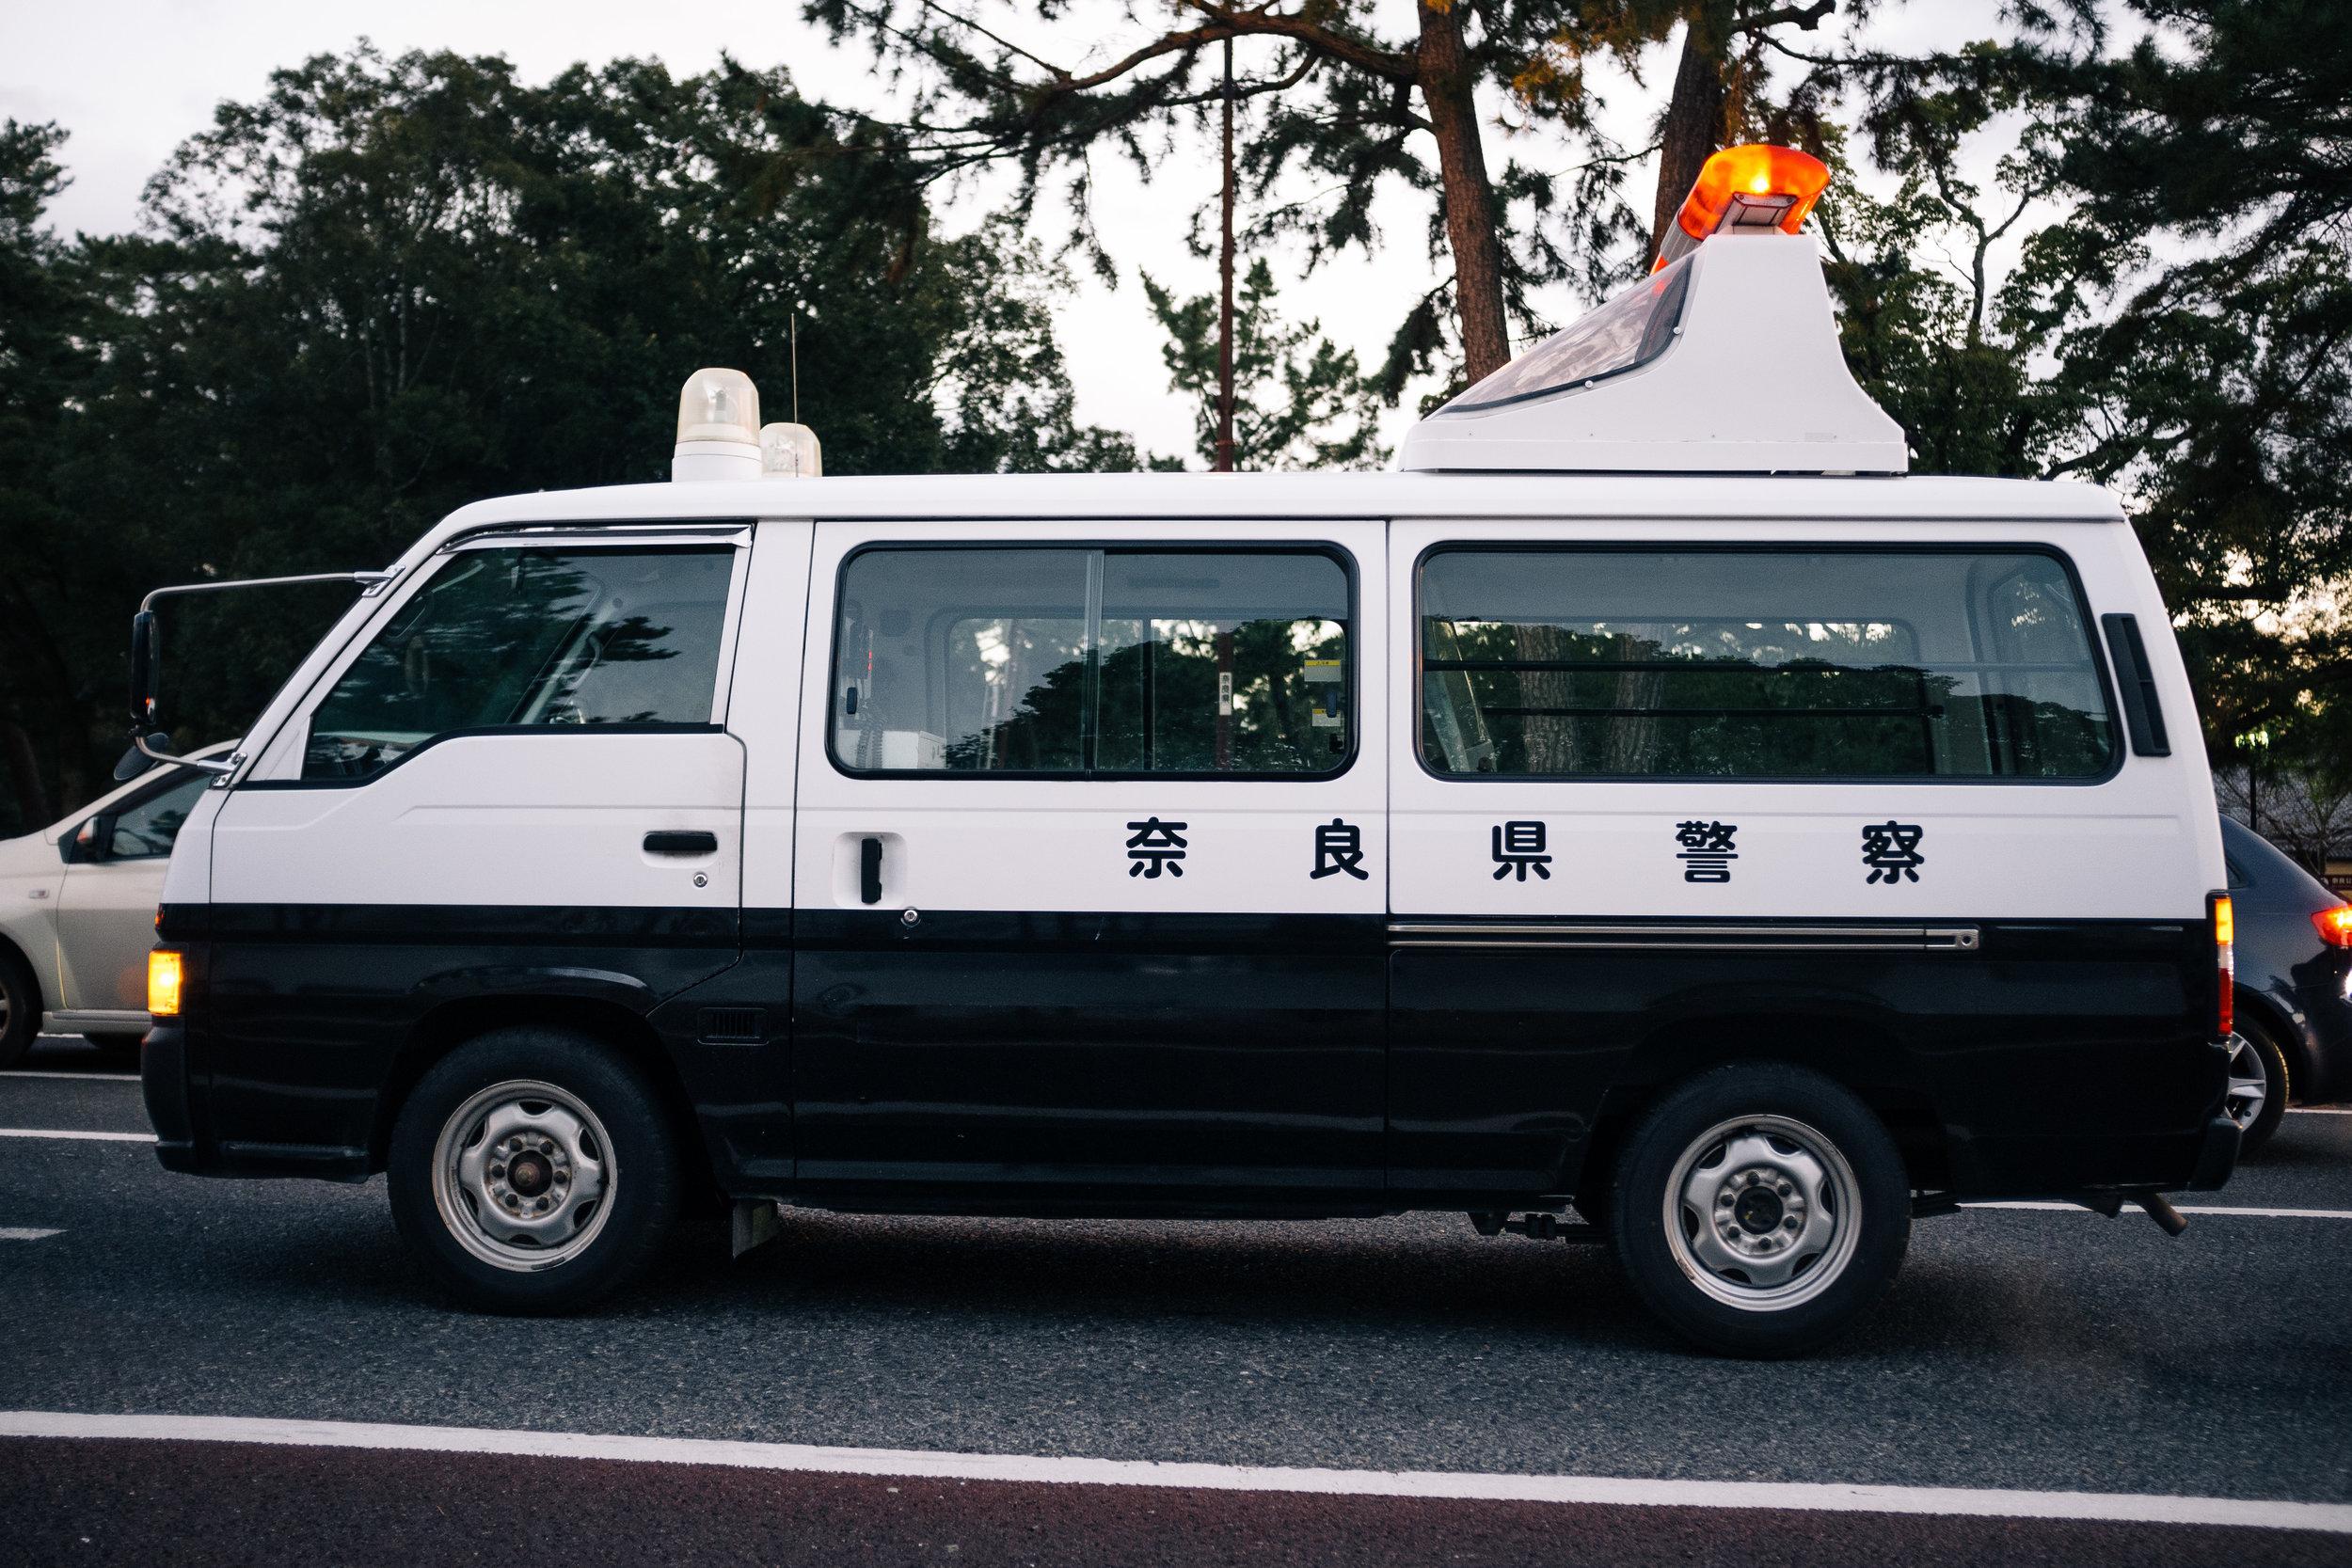 Nara Police Van.jpg